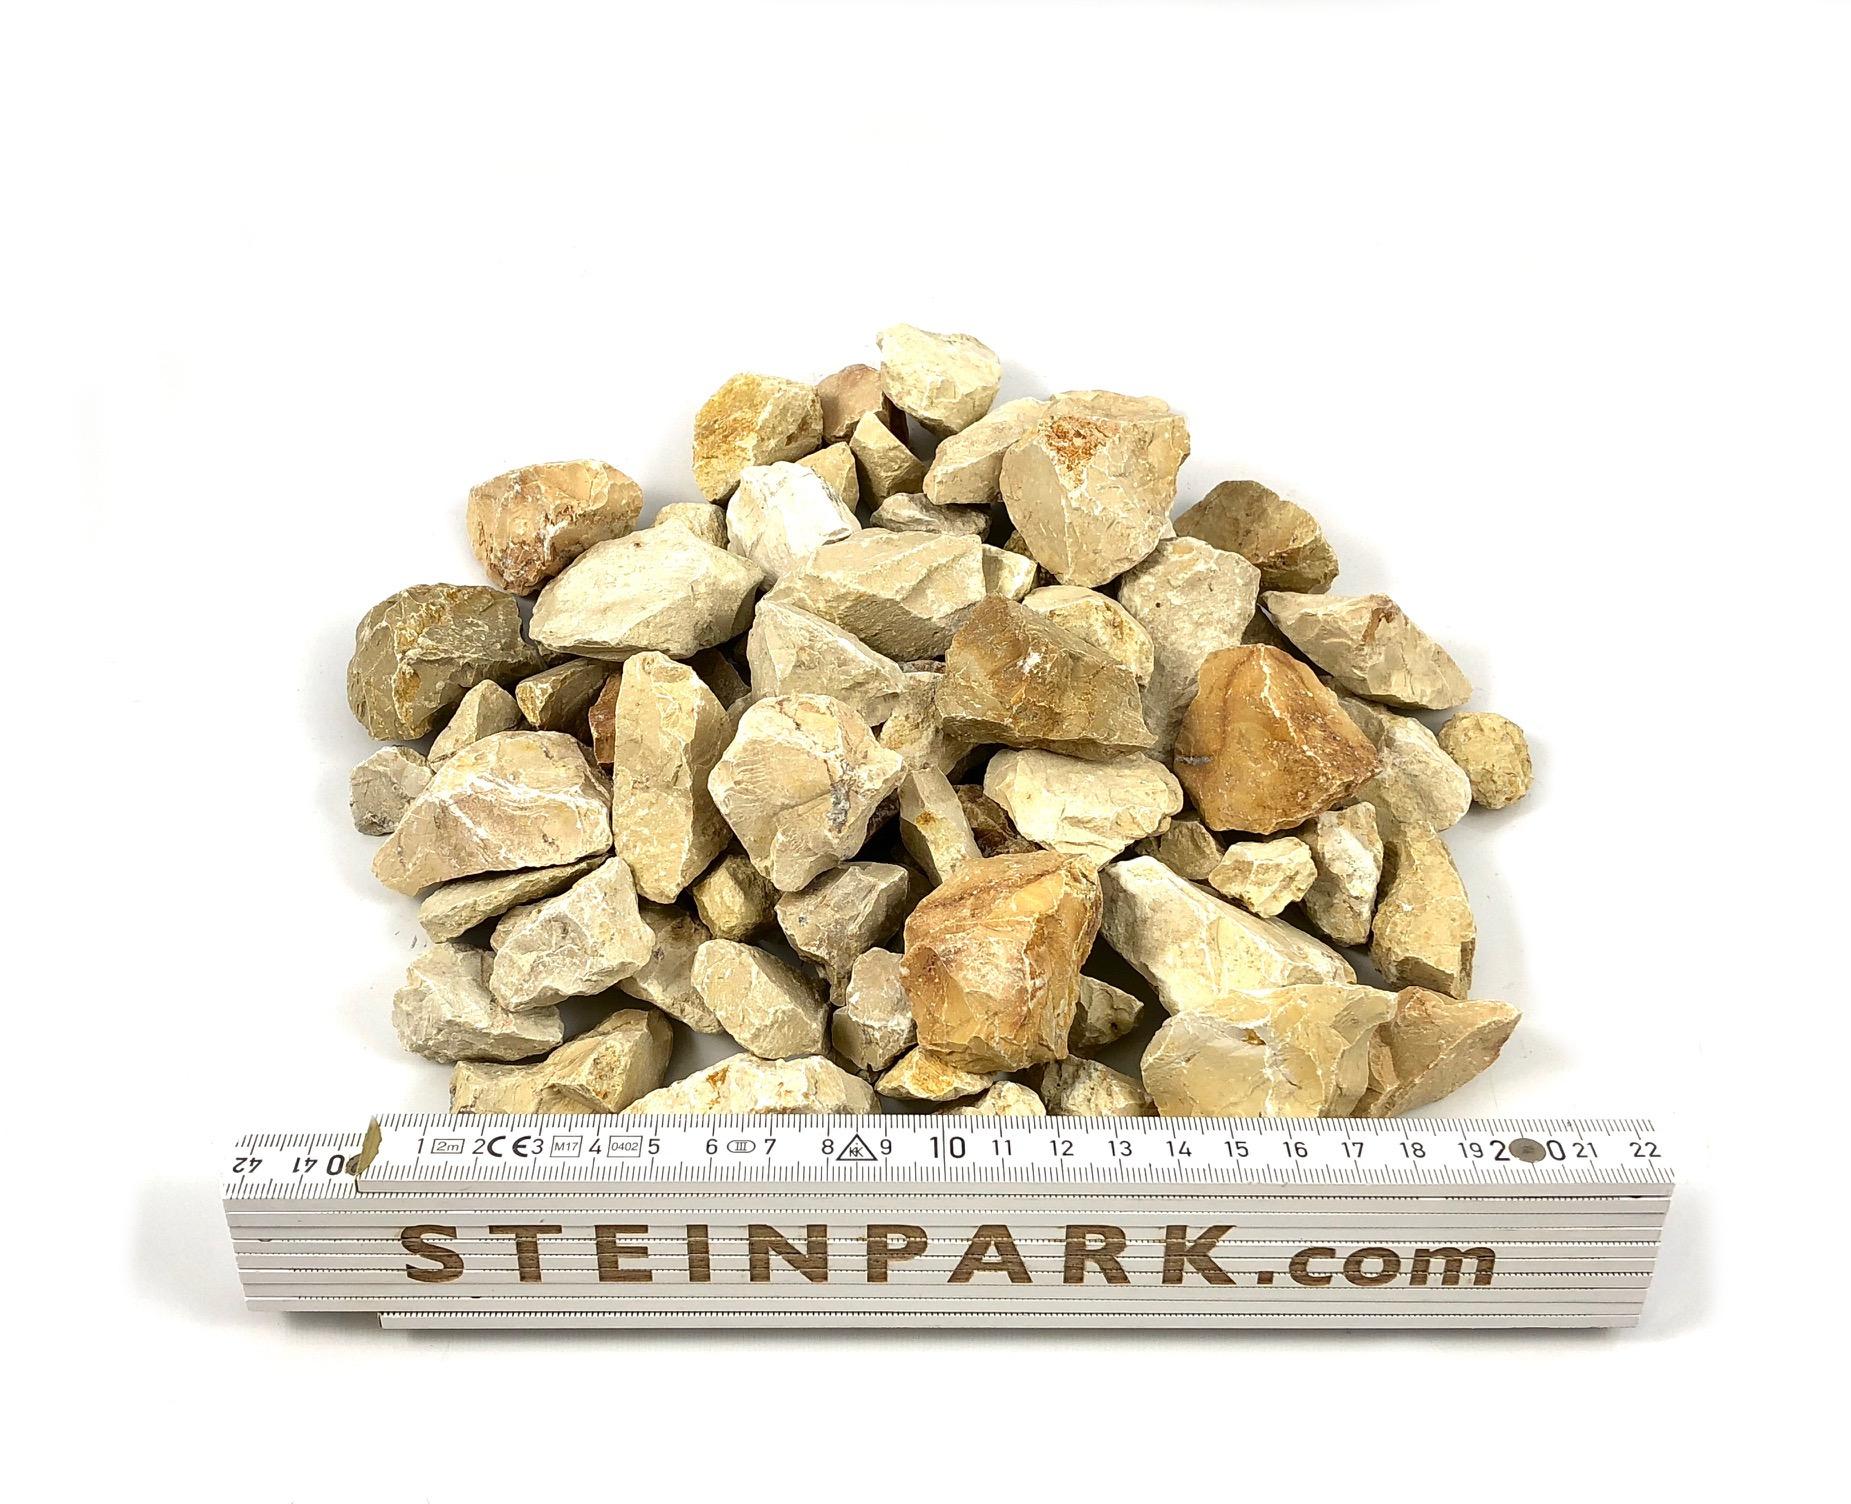 Ziersplitt Kalkstein Amarillo Caliza 16-32 mm gelb-grau